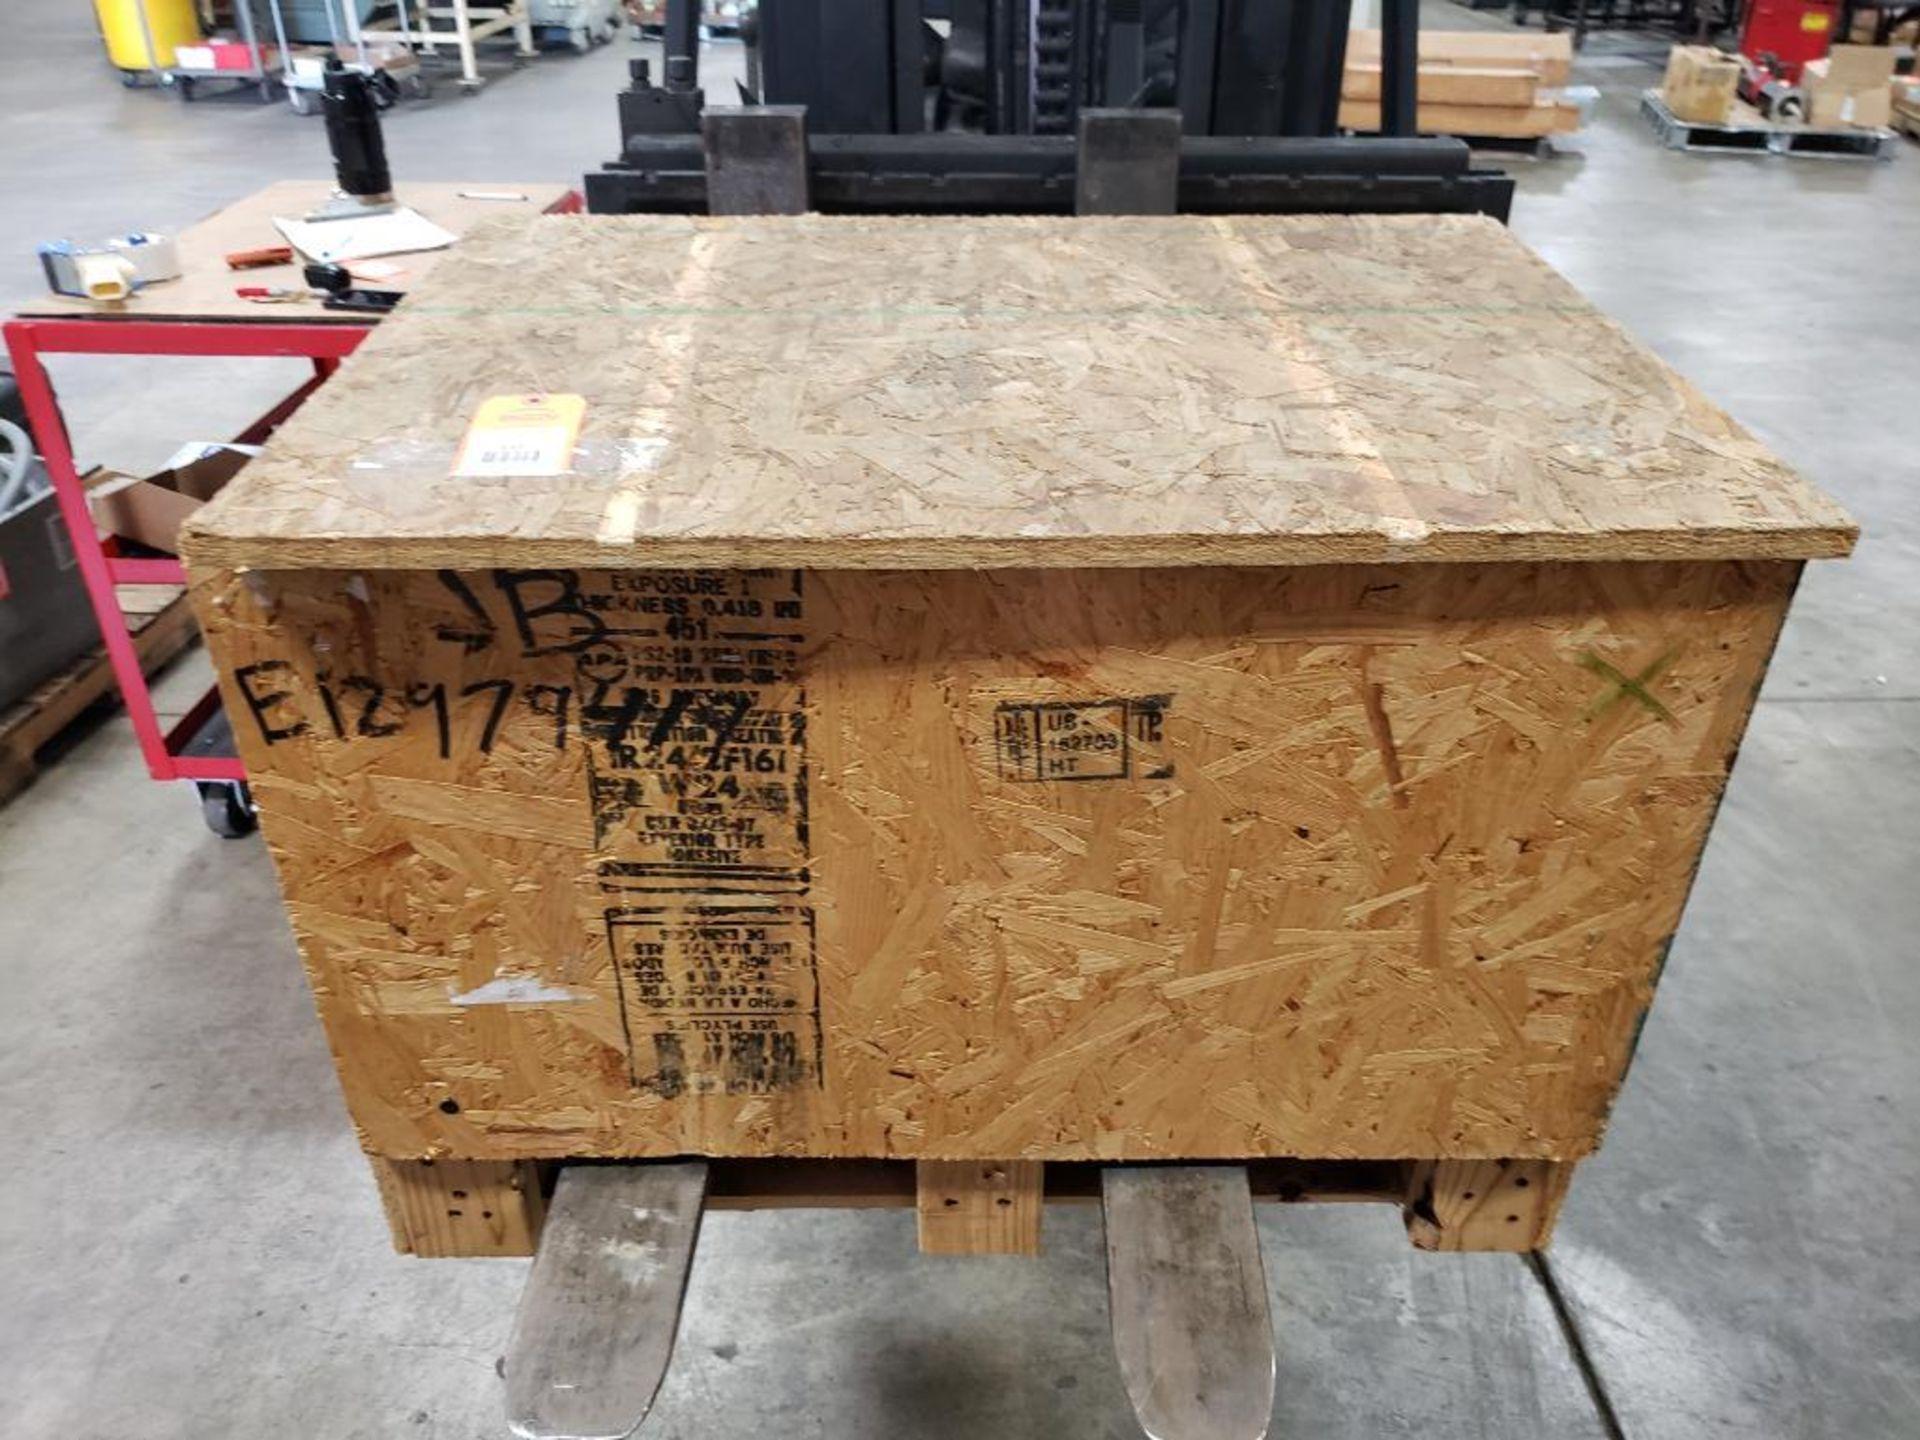 30kW Siemens 3PH Motor. 6949816-001-MHT2. 280V, 3550RM, RL2570Z-Frame. - Image 2 of 7